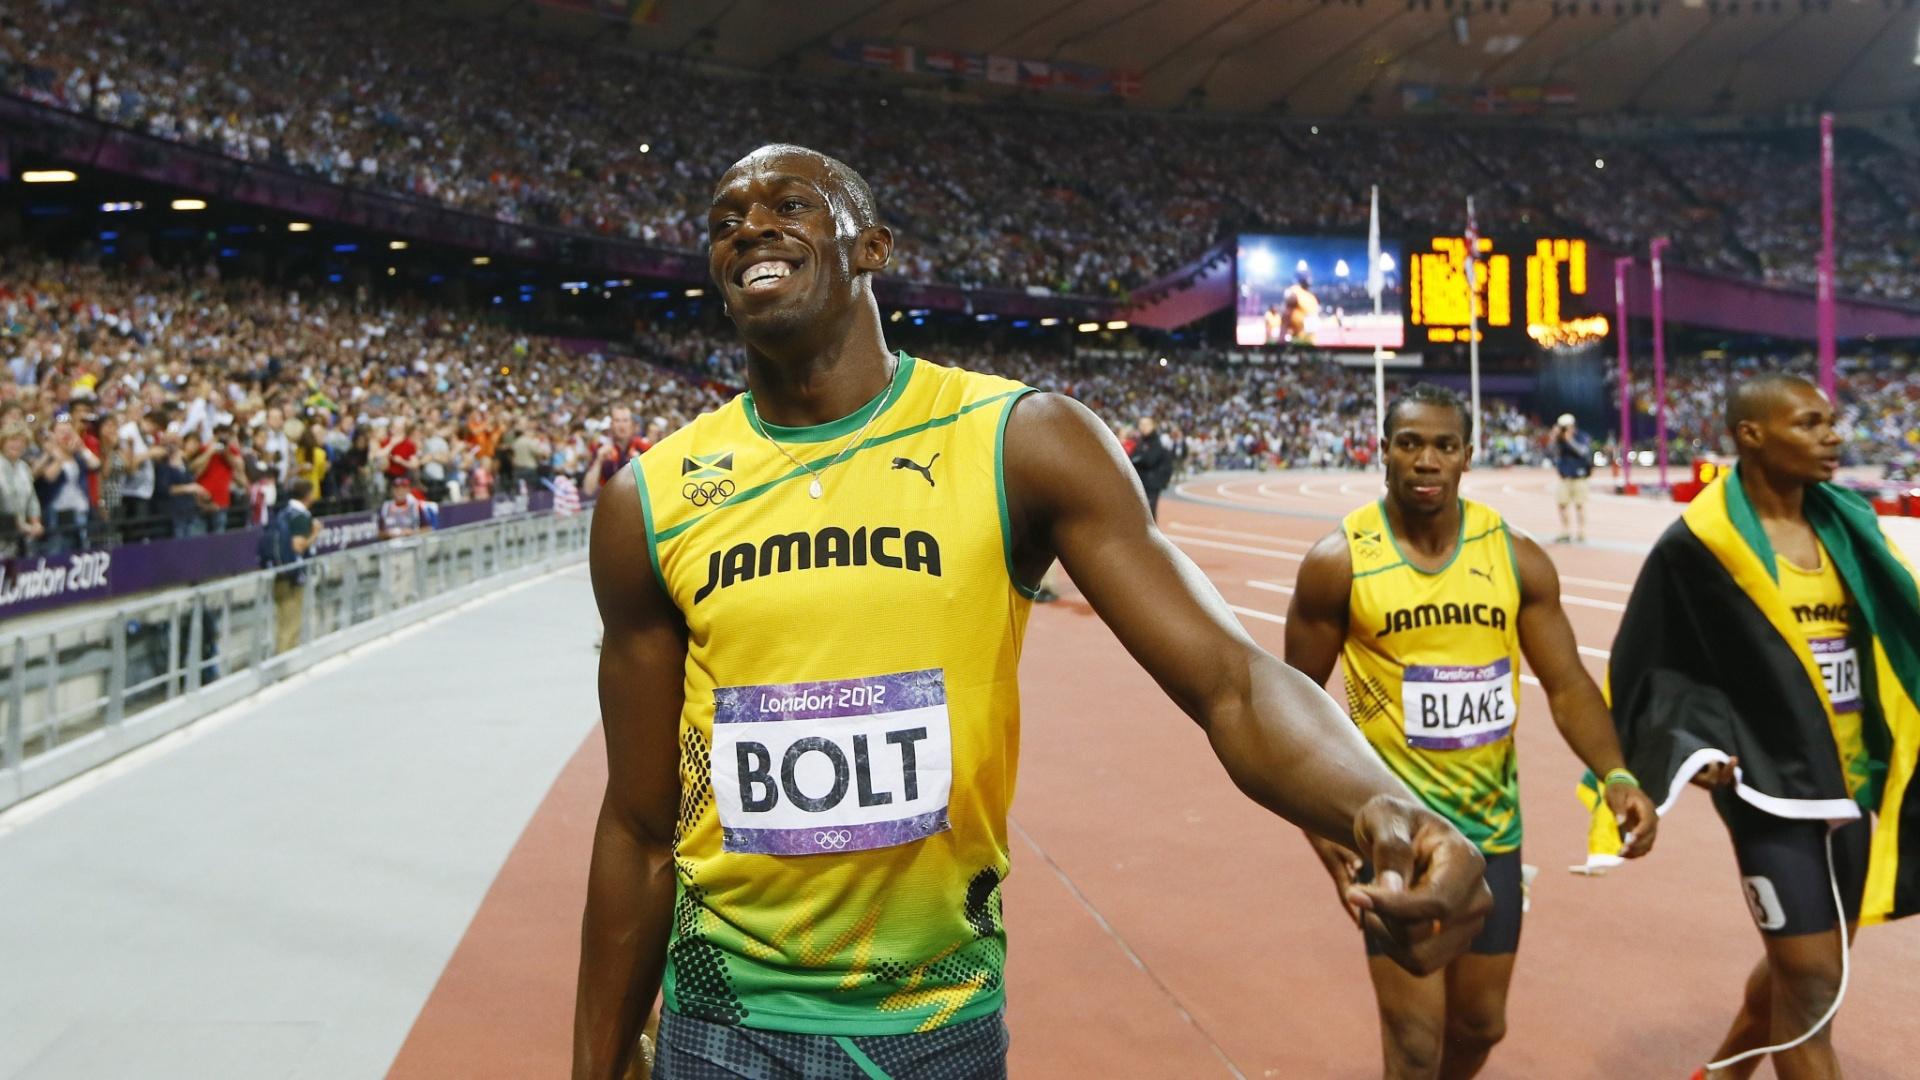 Usain Bolt, Yohan Blake e Warren Weir ficam com as três primeiras posições nos 100 m rasos